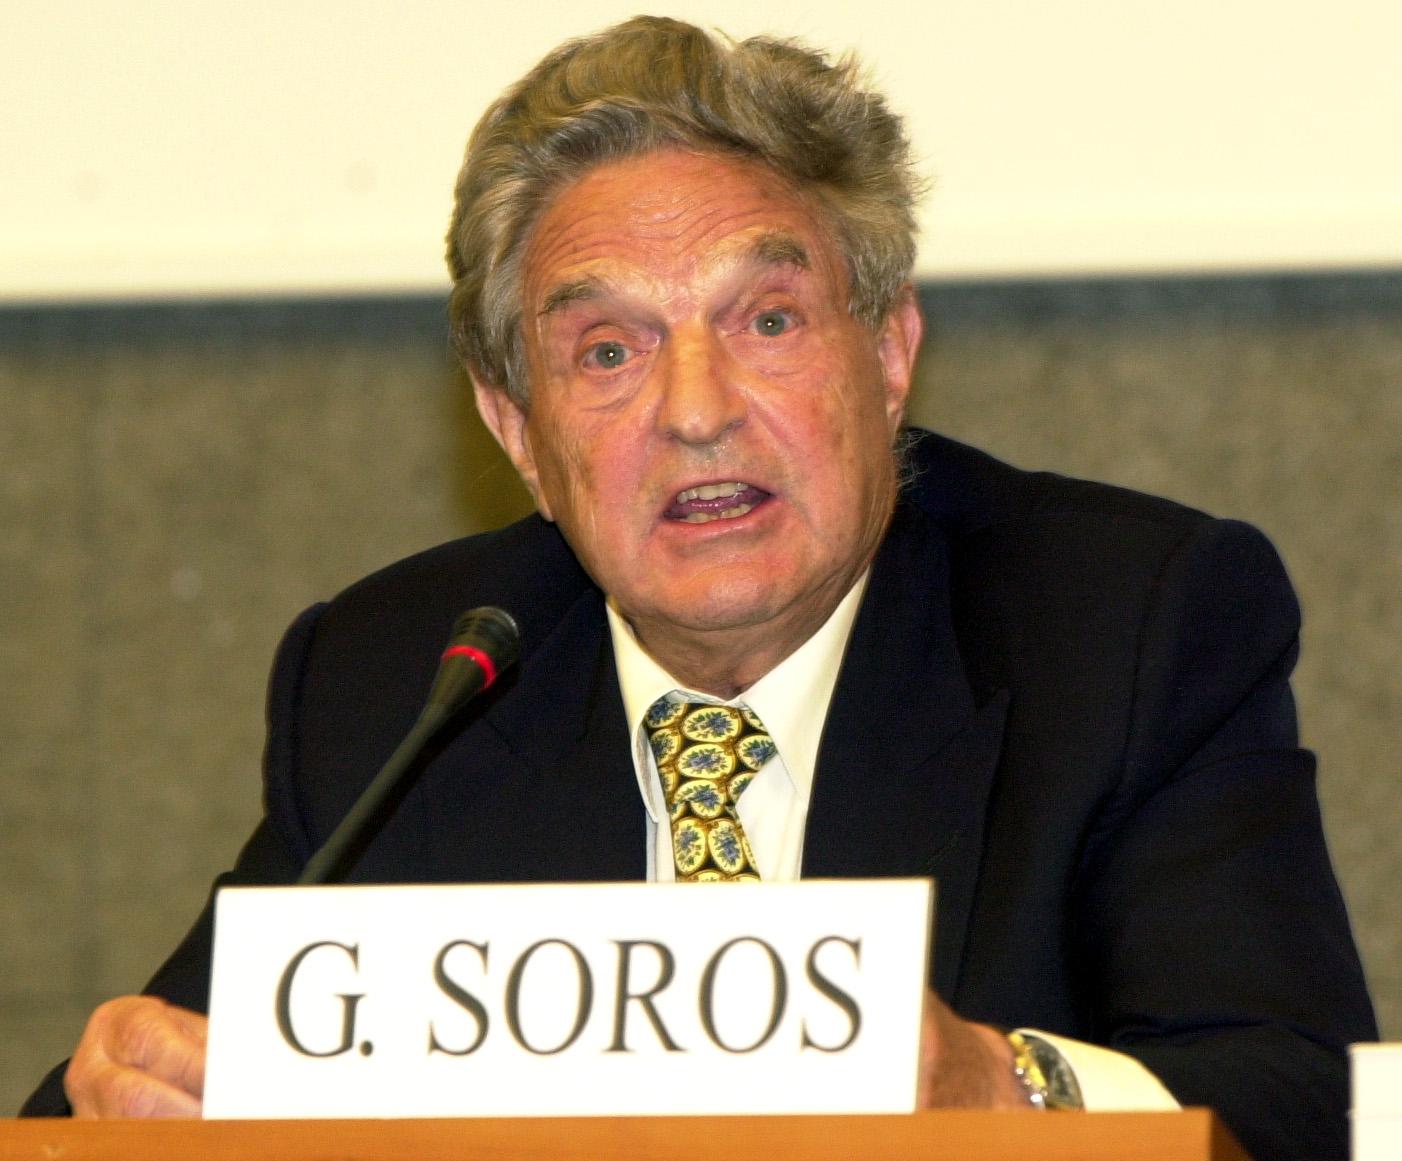 В Свердловской области изымают книги фонда Сороса